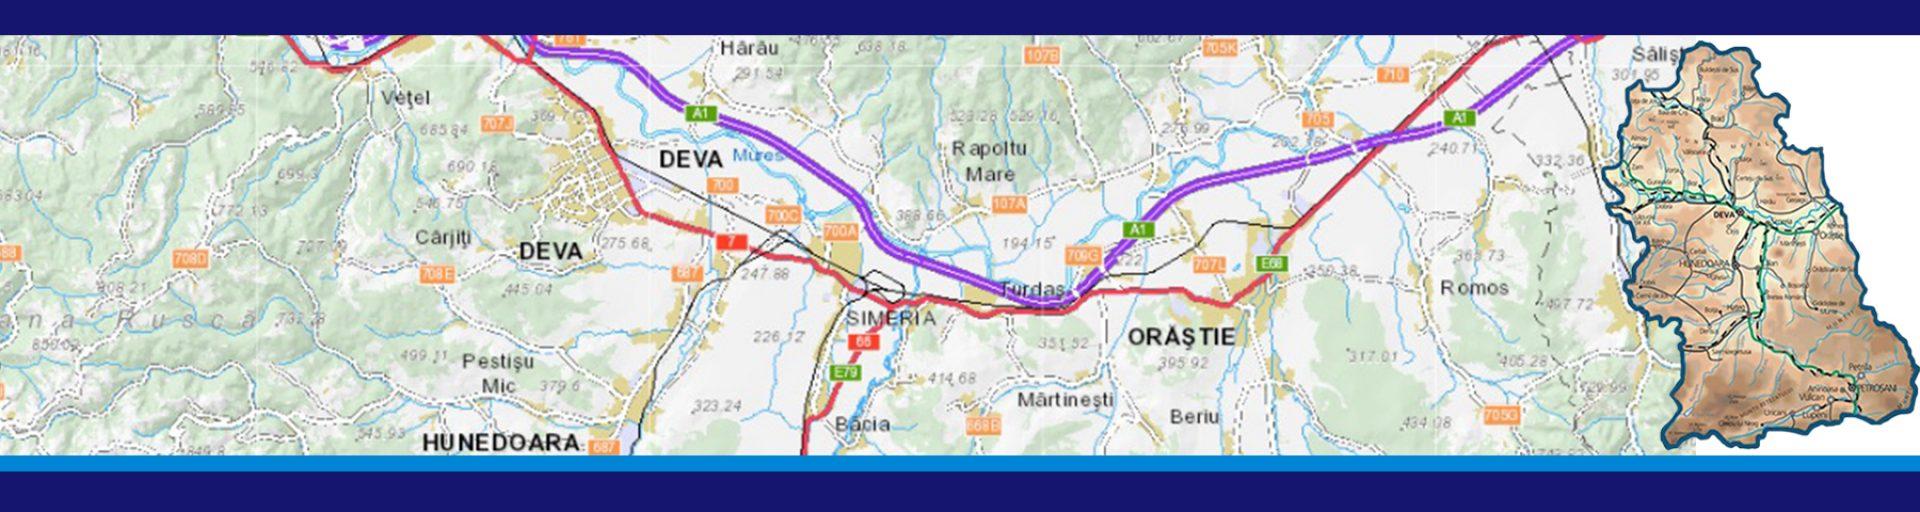 Harta Bcpi Din Județul Hunedoara Oficiul De Cadastru și